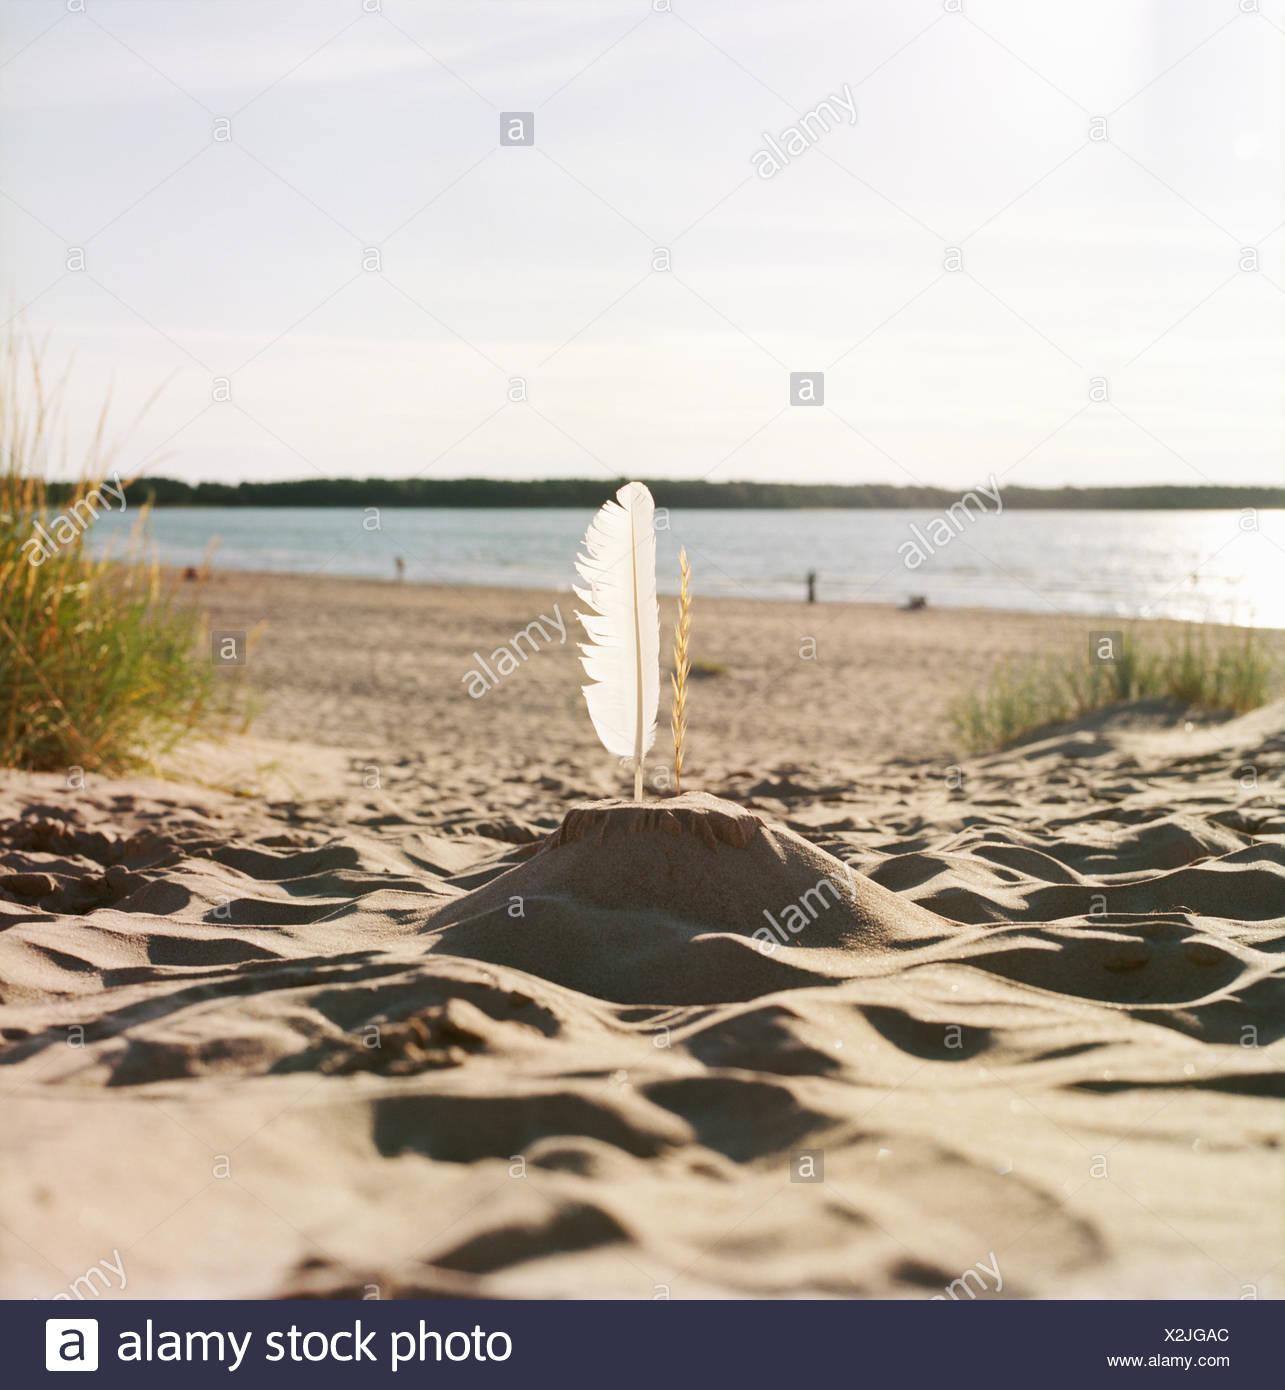 Finnland, Pori, Yyteri, Sandburg mit Feder am Sandstrand Stockbild